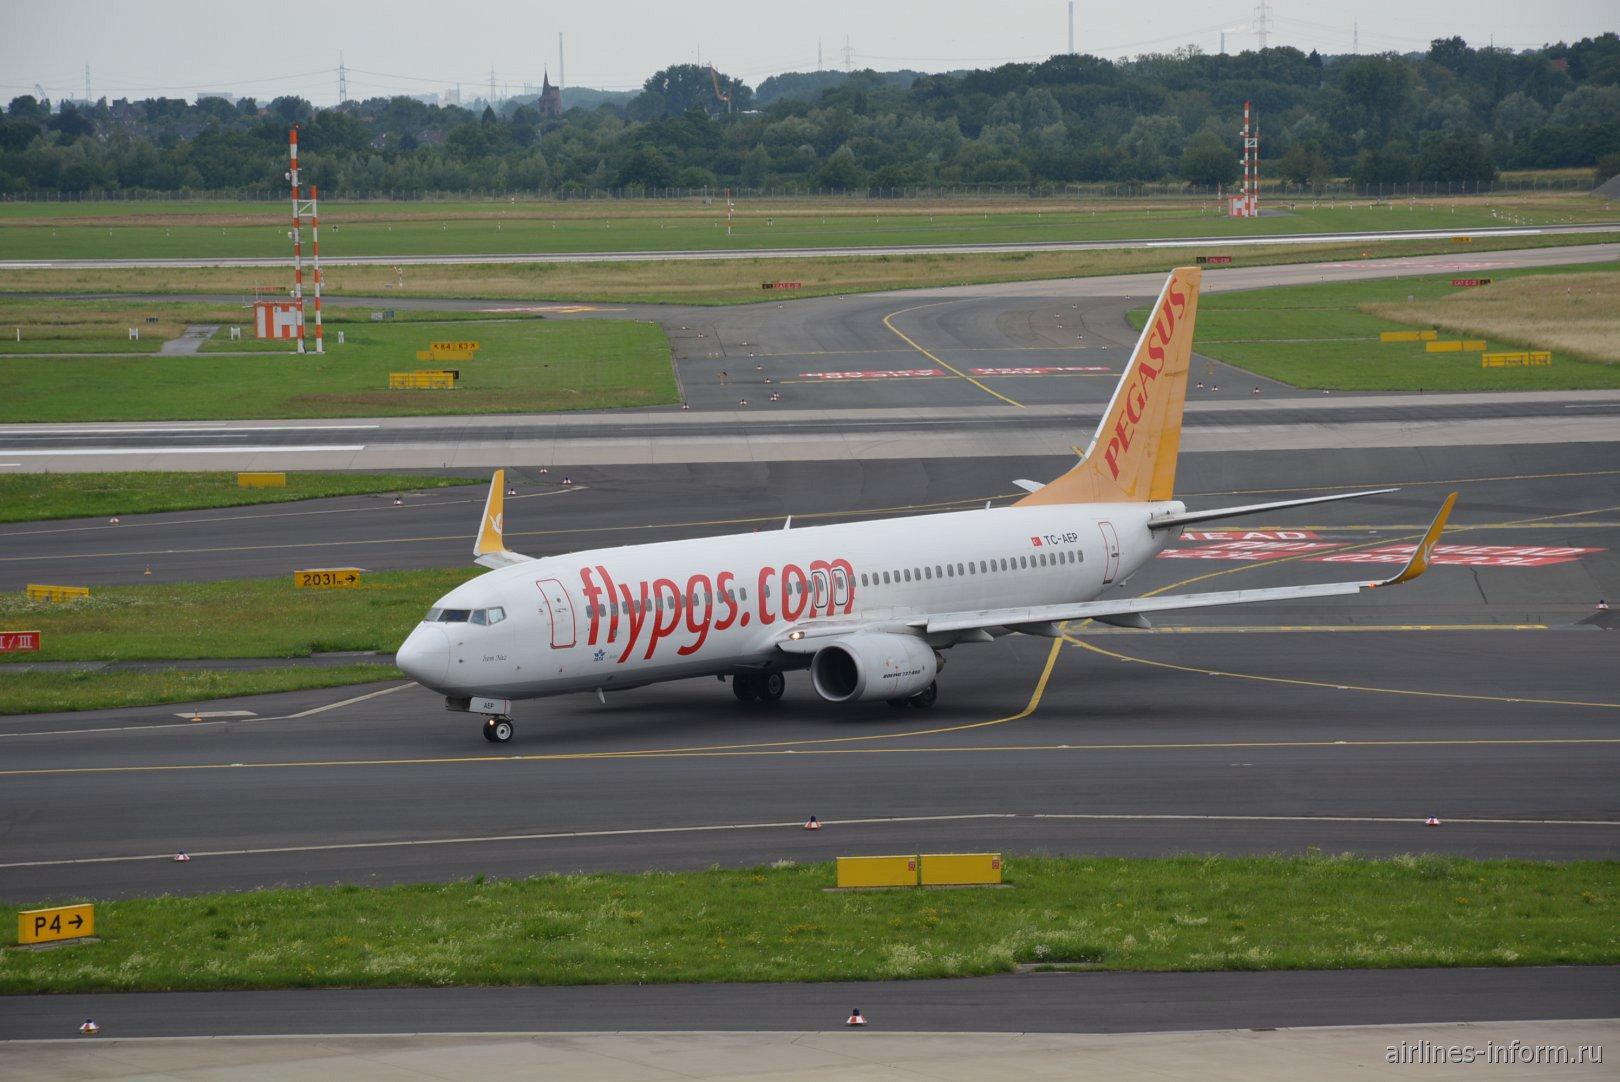 Самолет Boeing 737-800 авиакомпании Pegasus в аэропорту Дюссельдорфа